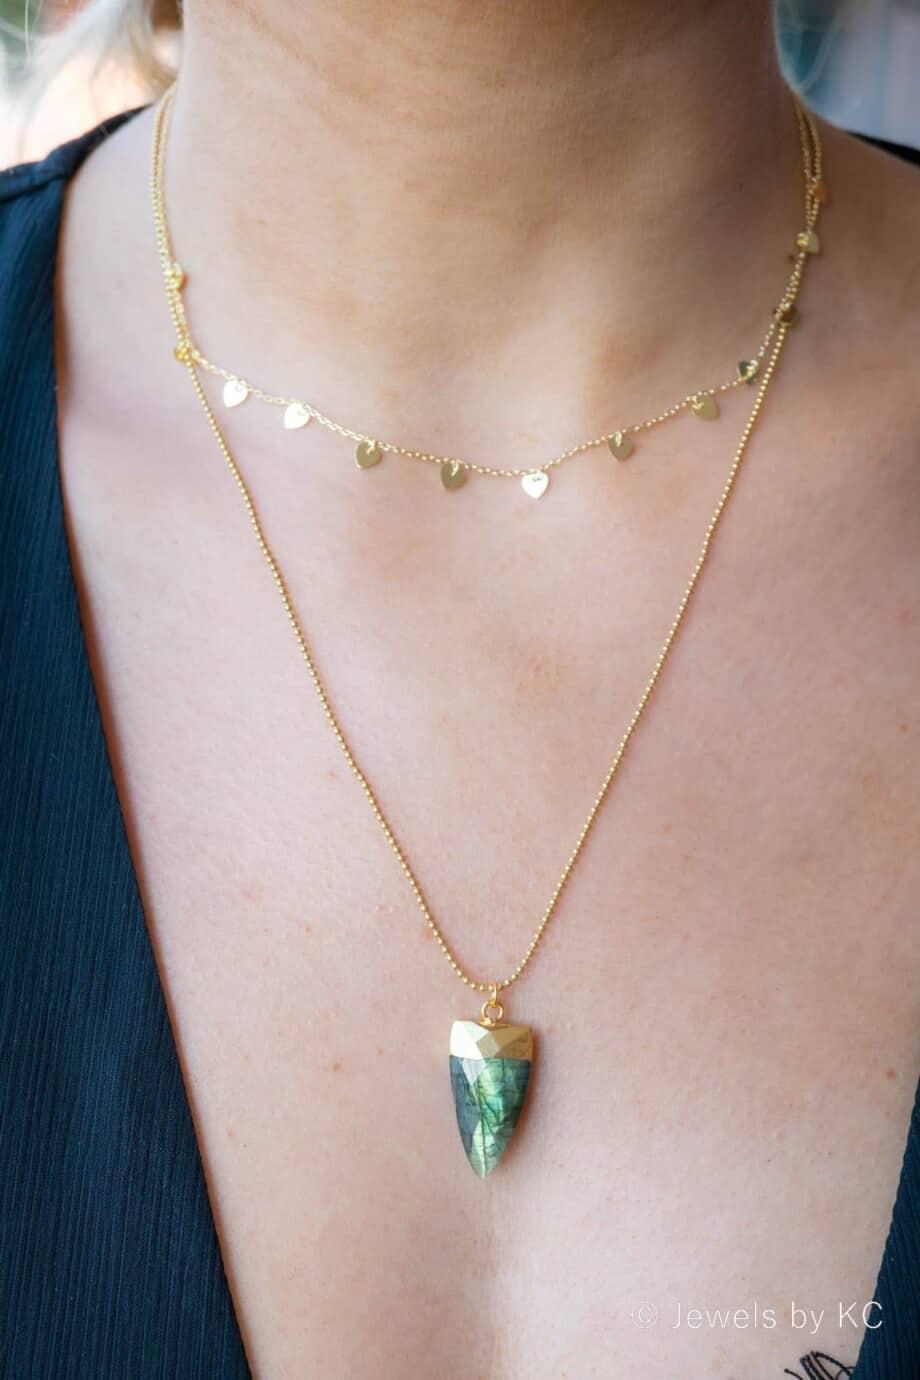 Gouden ketting met hartjes 'Queen of Hearts' van Goud op Zilver